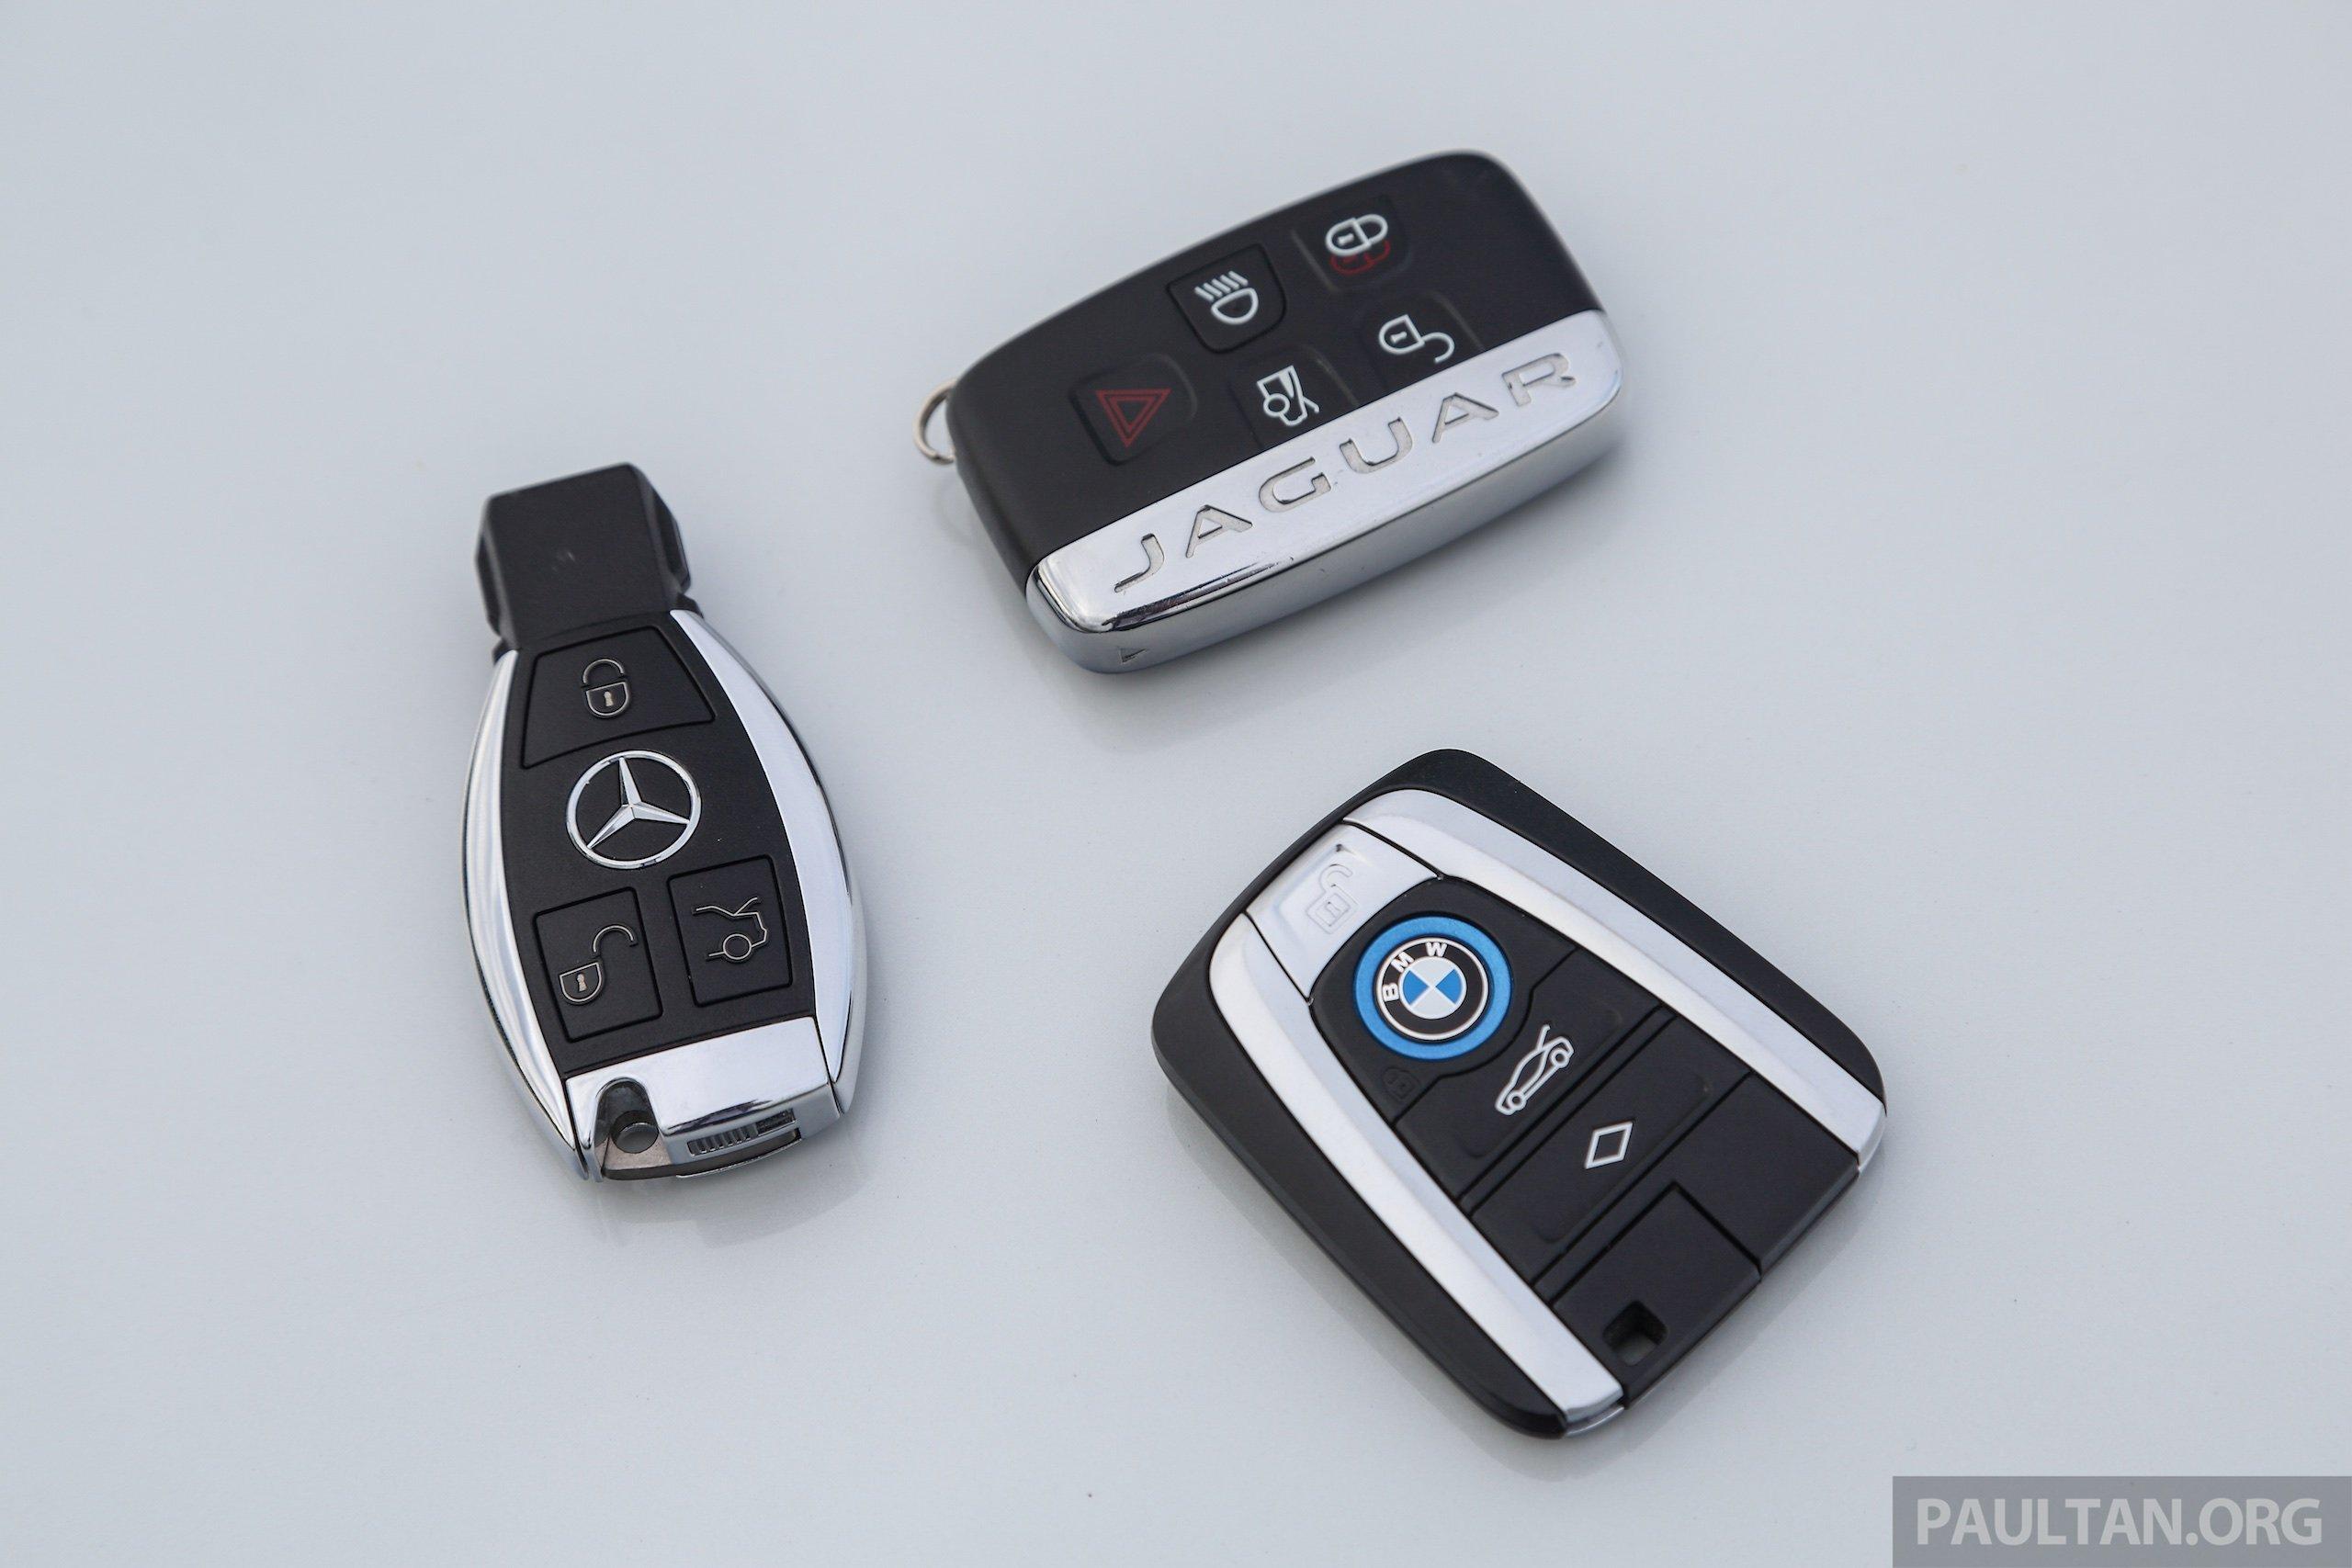 tool mart with rover programmer and number kvm key for land jaguar keys wholesale